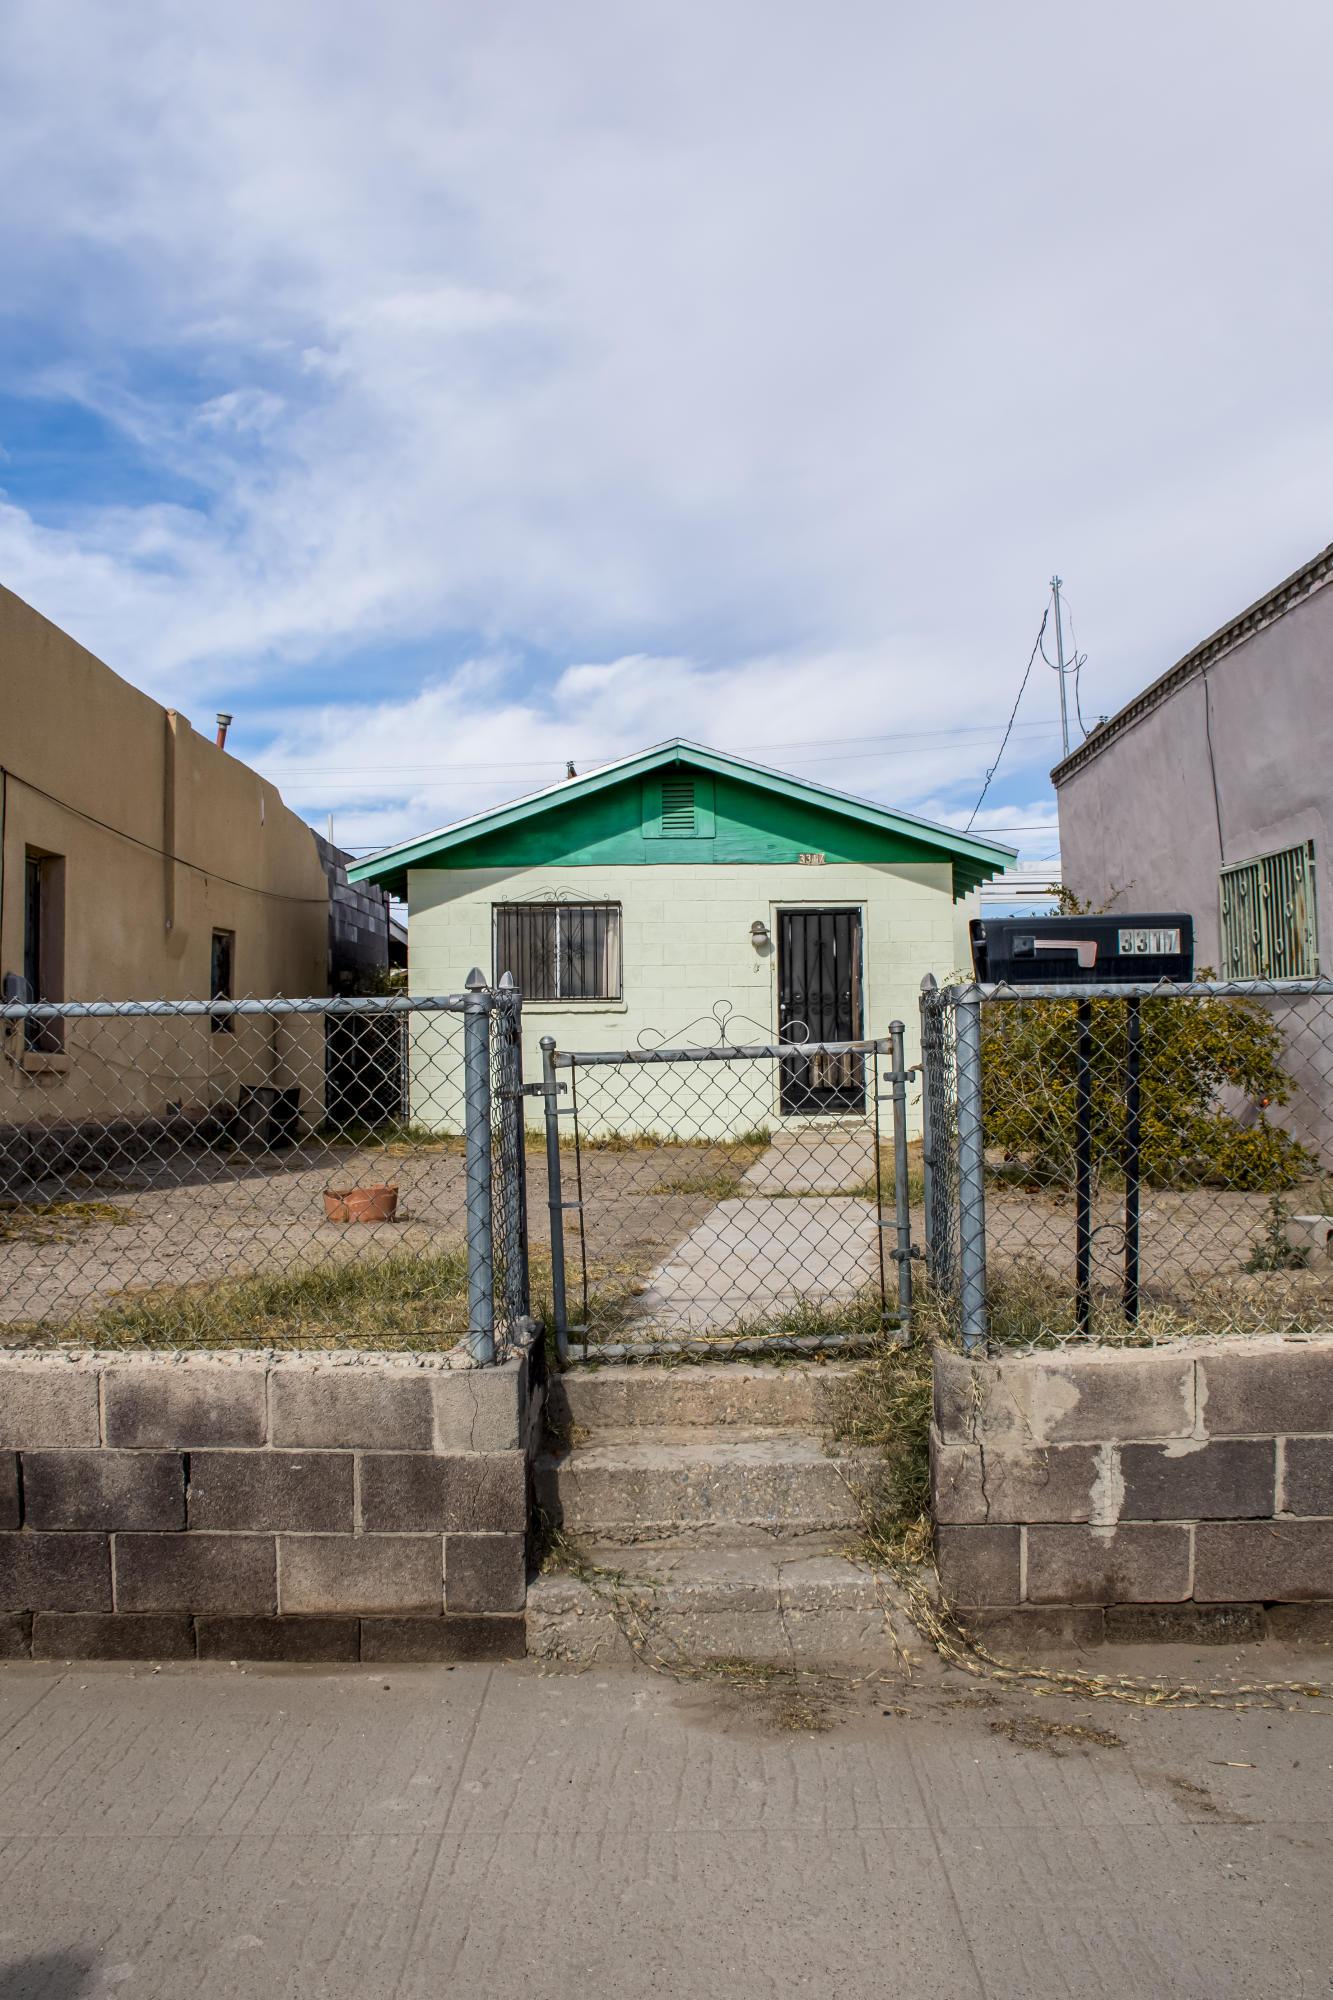 3317 DURAZNO, El Paso, Texas 79905, 1 Bedroom Bedrooms, ,1 BathroomBathrooms,Residential,For sale,DURAZNO,838286